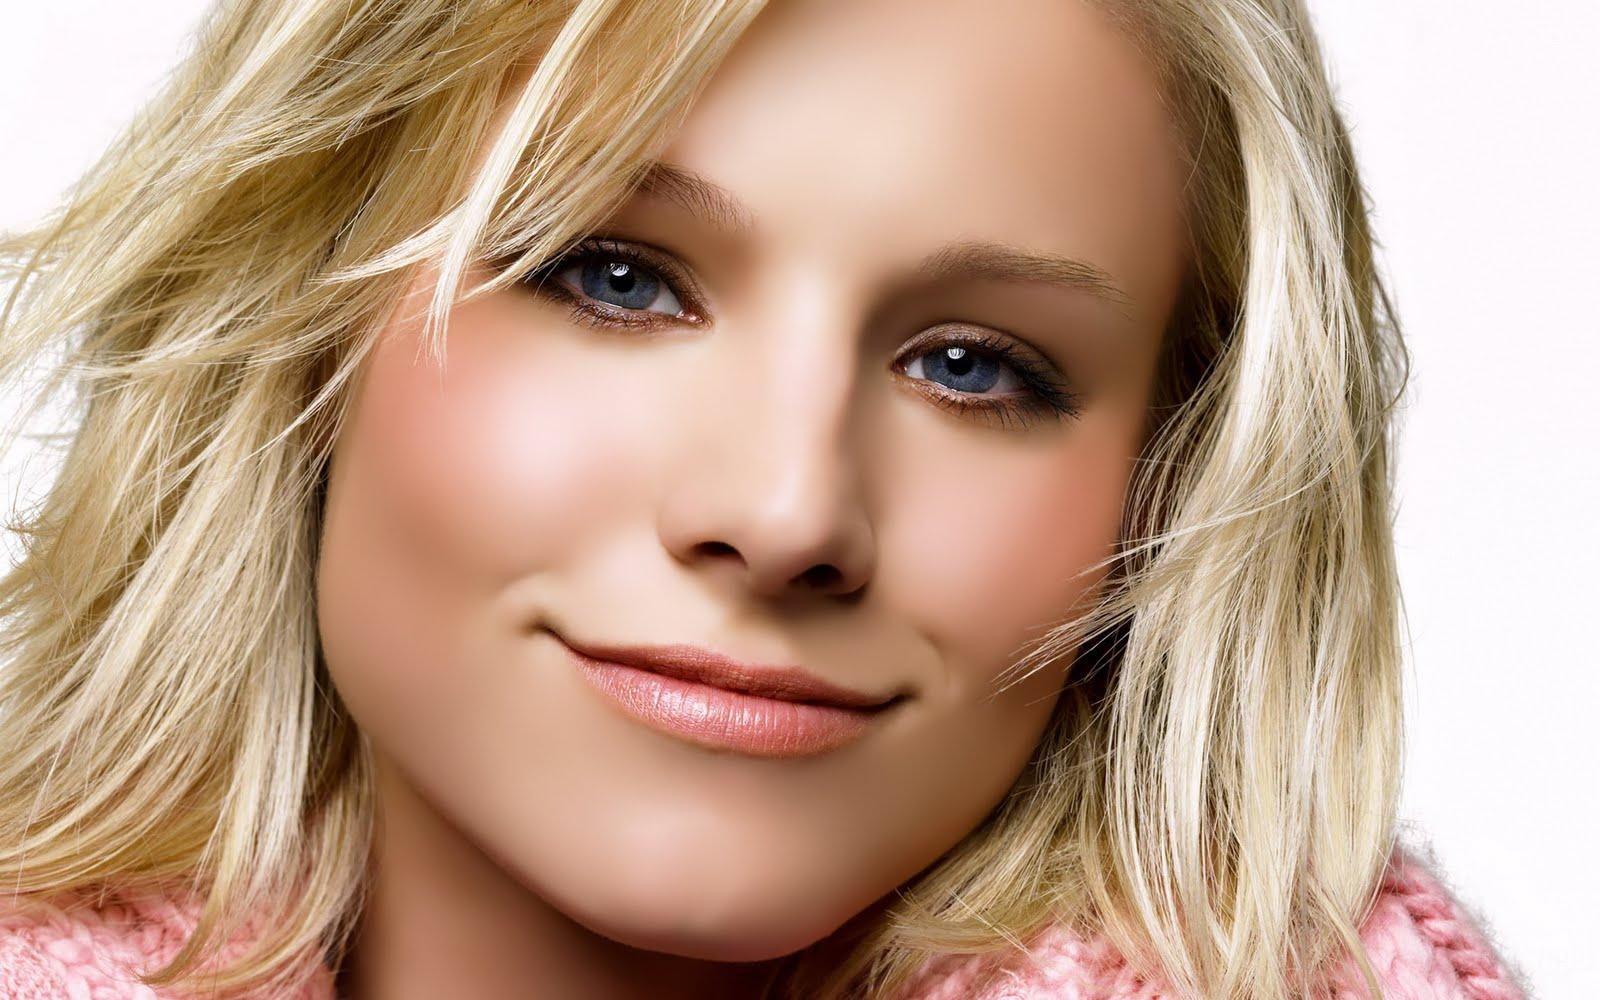 http://3.bp.blogspot.com/_wSeCOlidmxc/TCjI2Kd4cYI/AAAAAAAAAV4/UVjVjntKYII/s1600/Kristen-Bell-Close-Up-Celebrity-Wallpaper.jpg